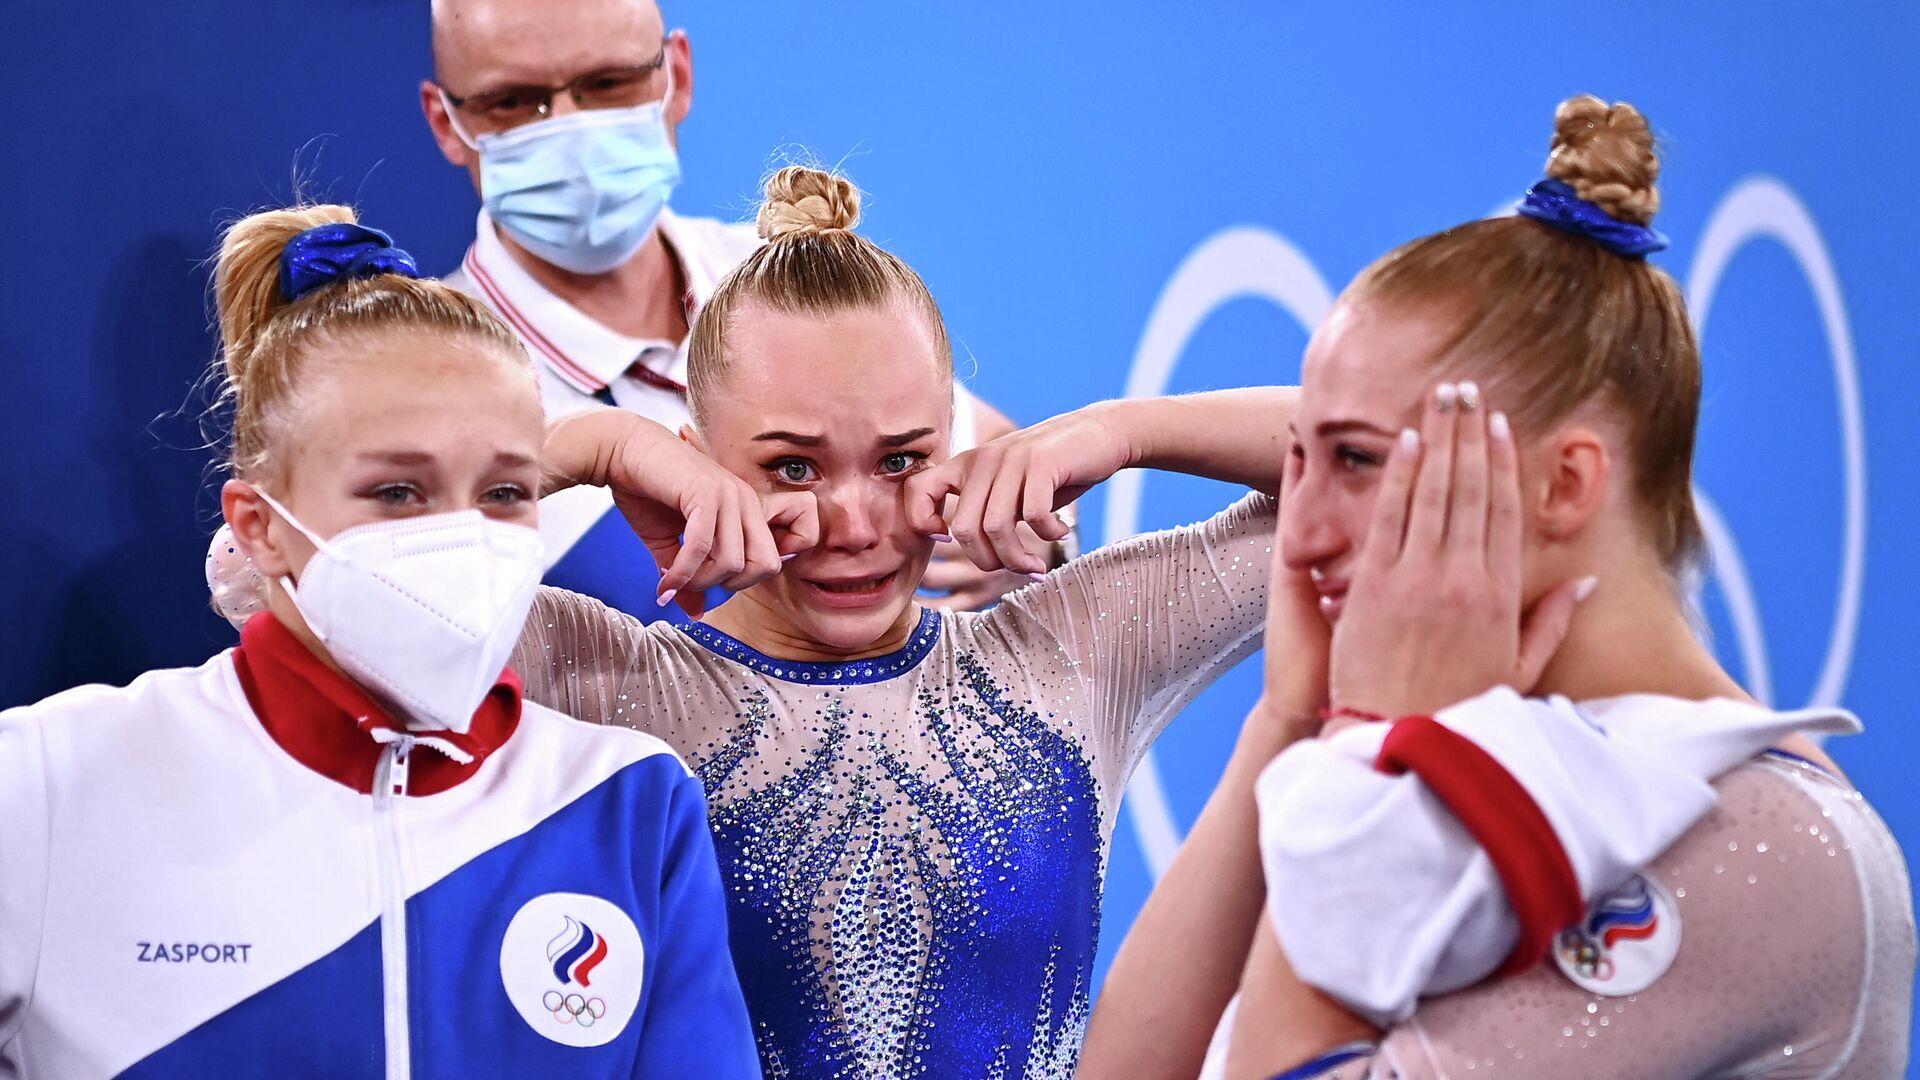 Российские гимнастки после победы в командном турнире - РИА Новости, 1920, 27.07.2021